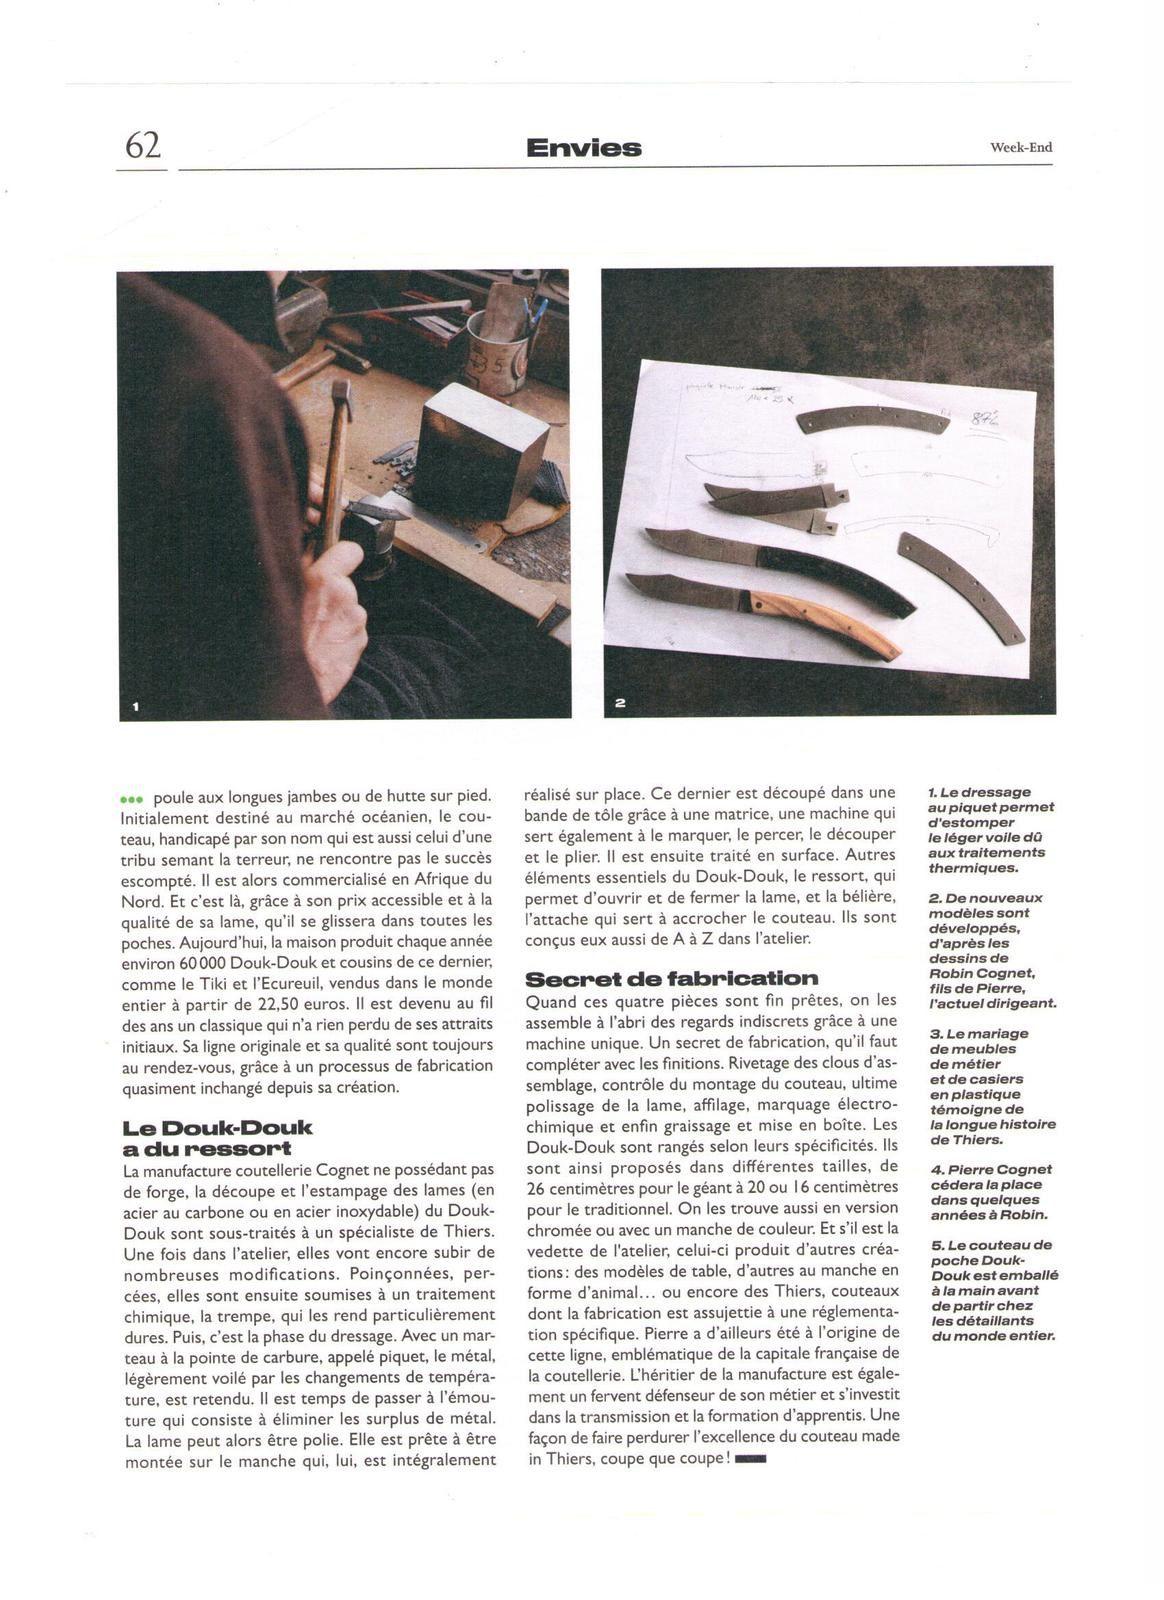 Vu et lu dans Le Parisien Weekend du 02/02/18